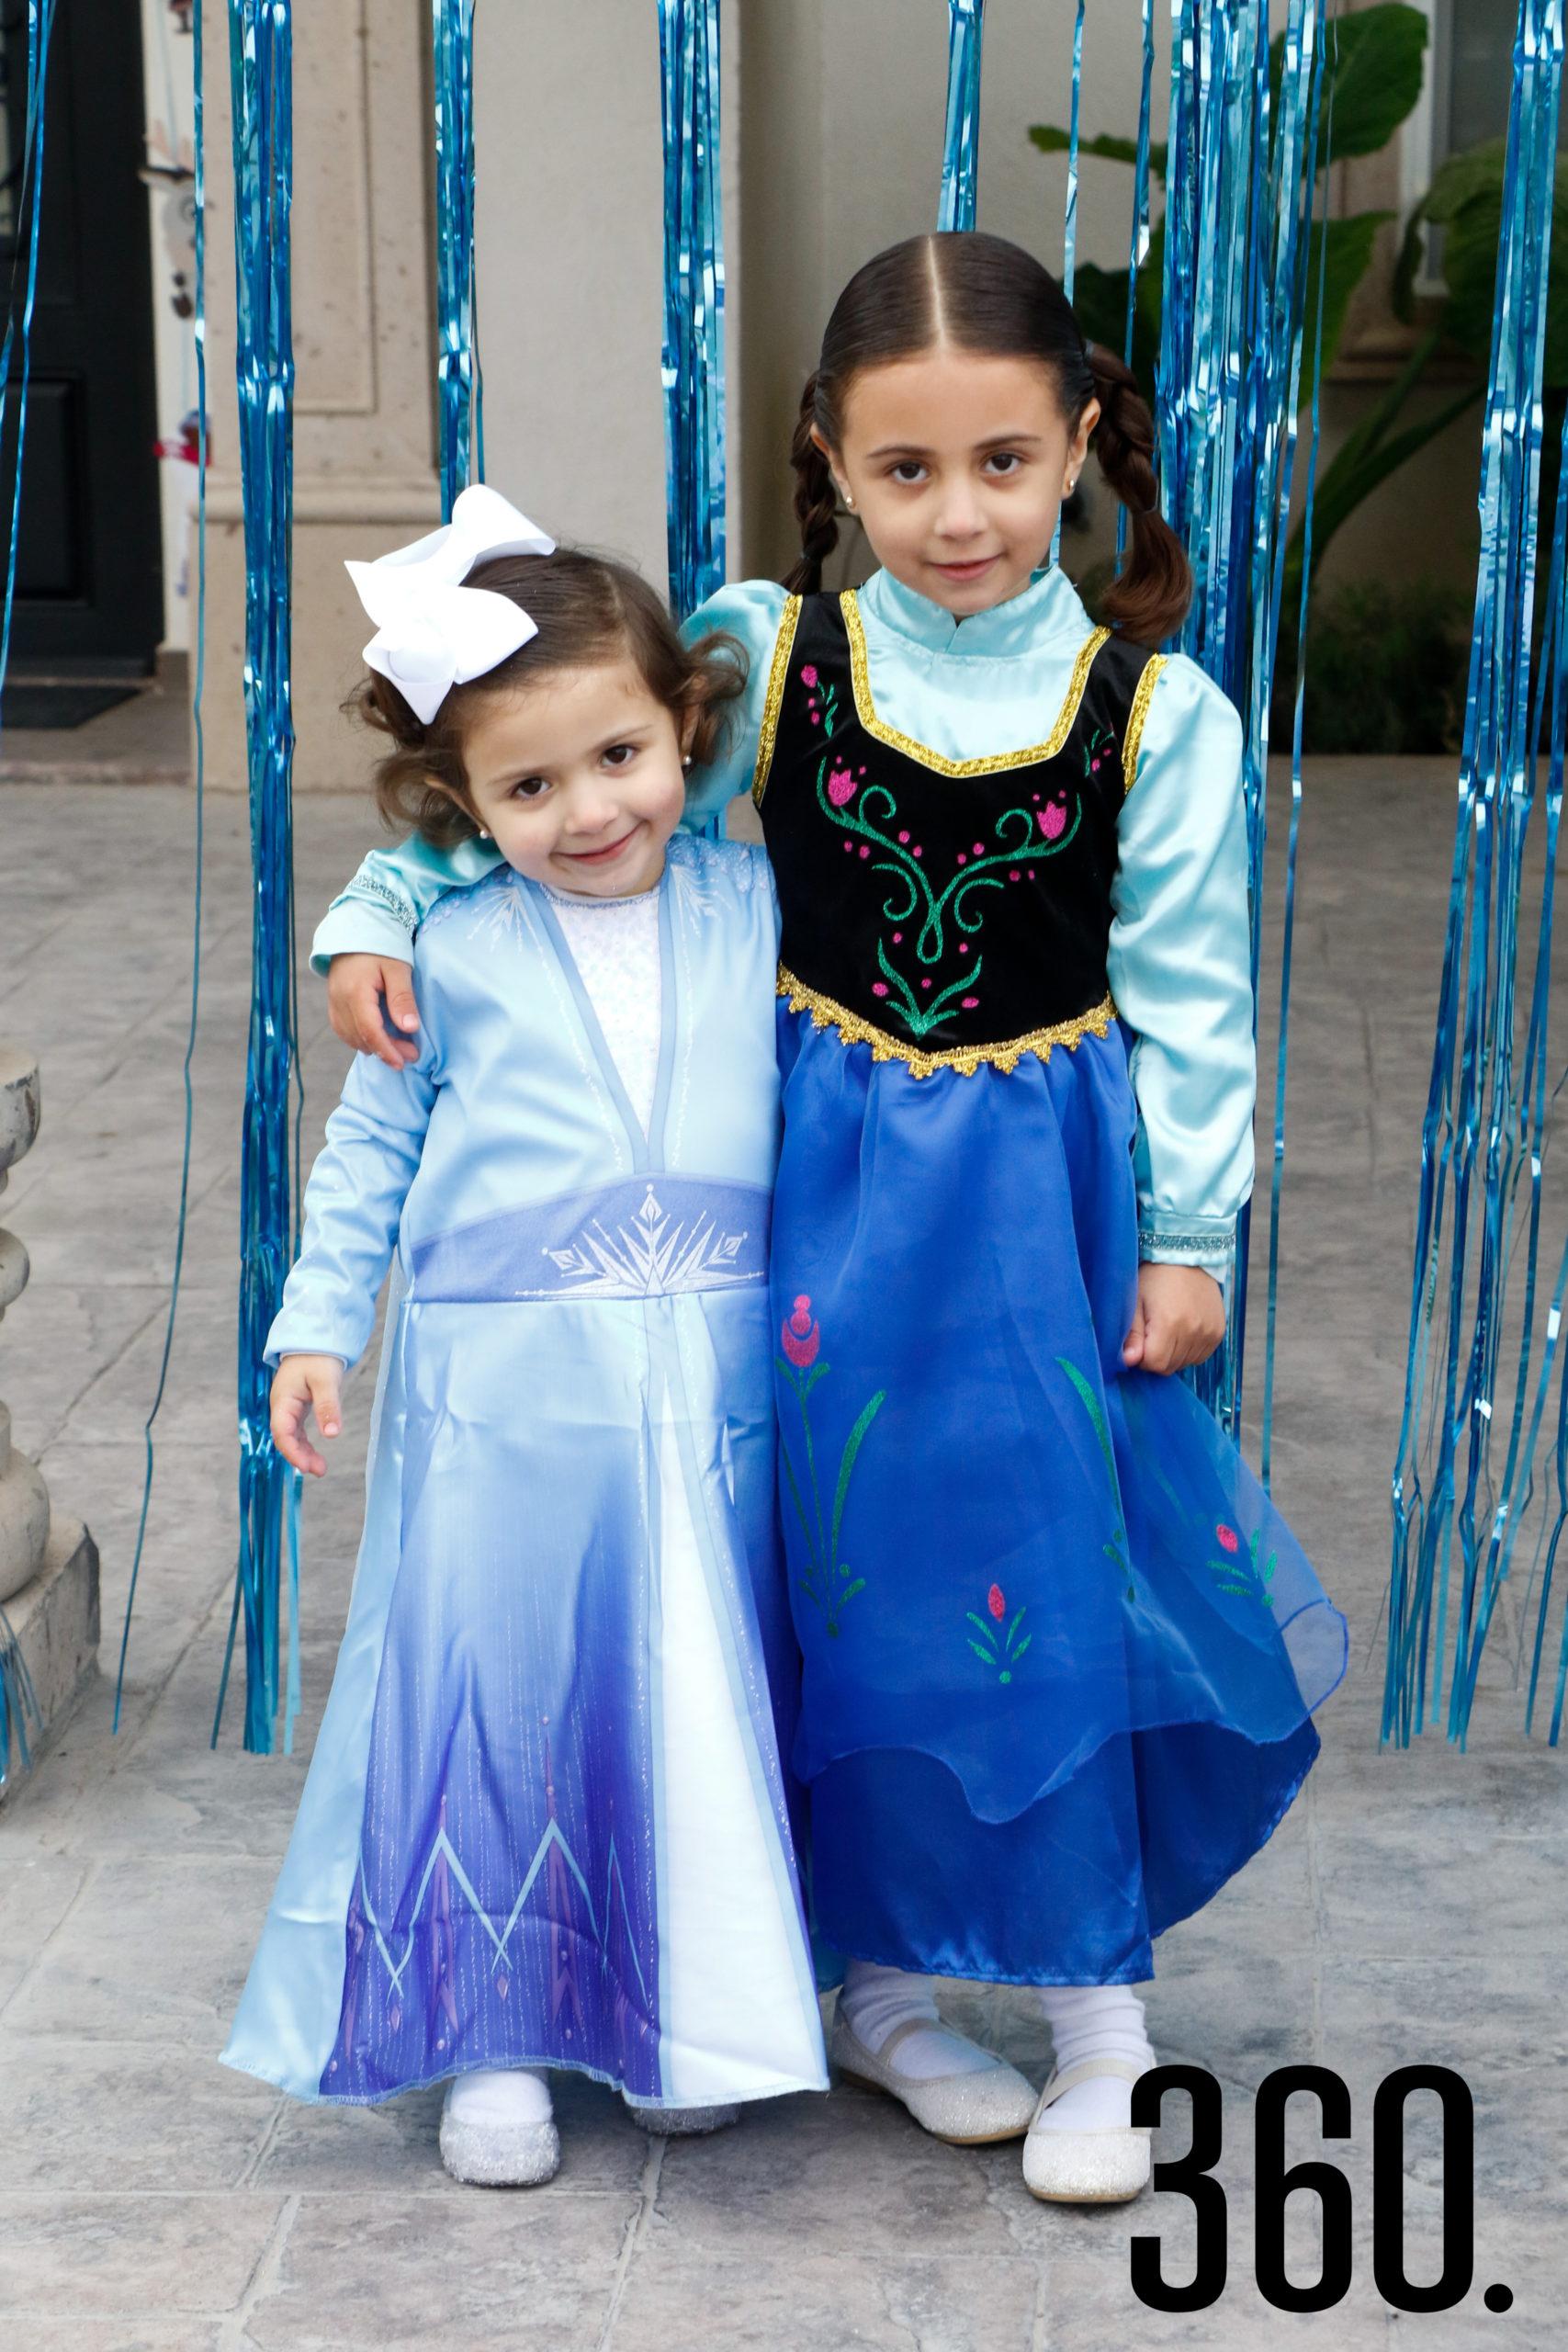 Mariana con su hermana Valeria Martínez.